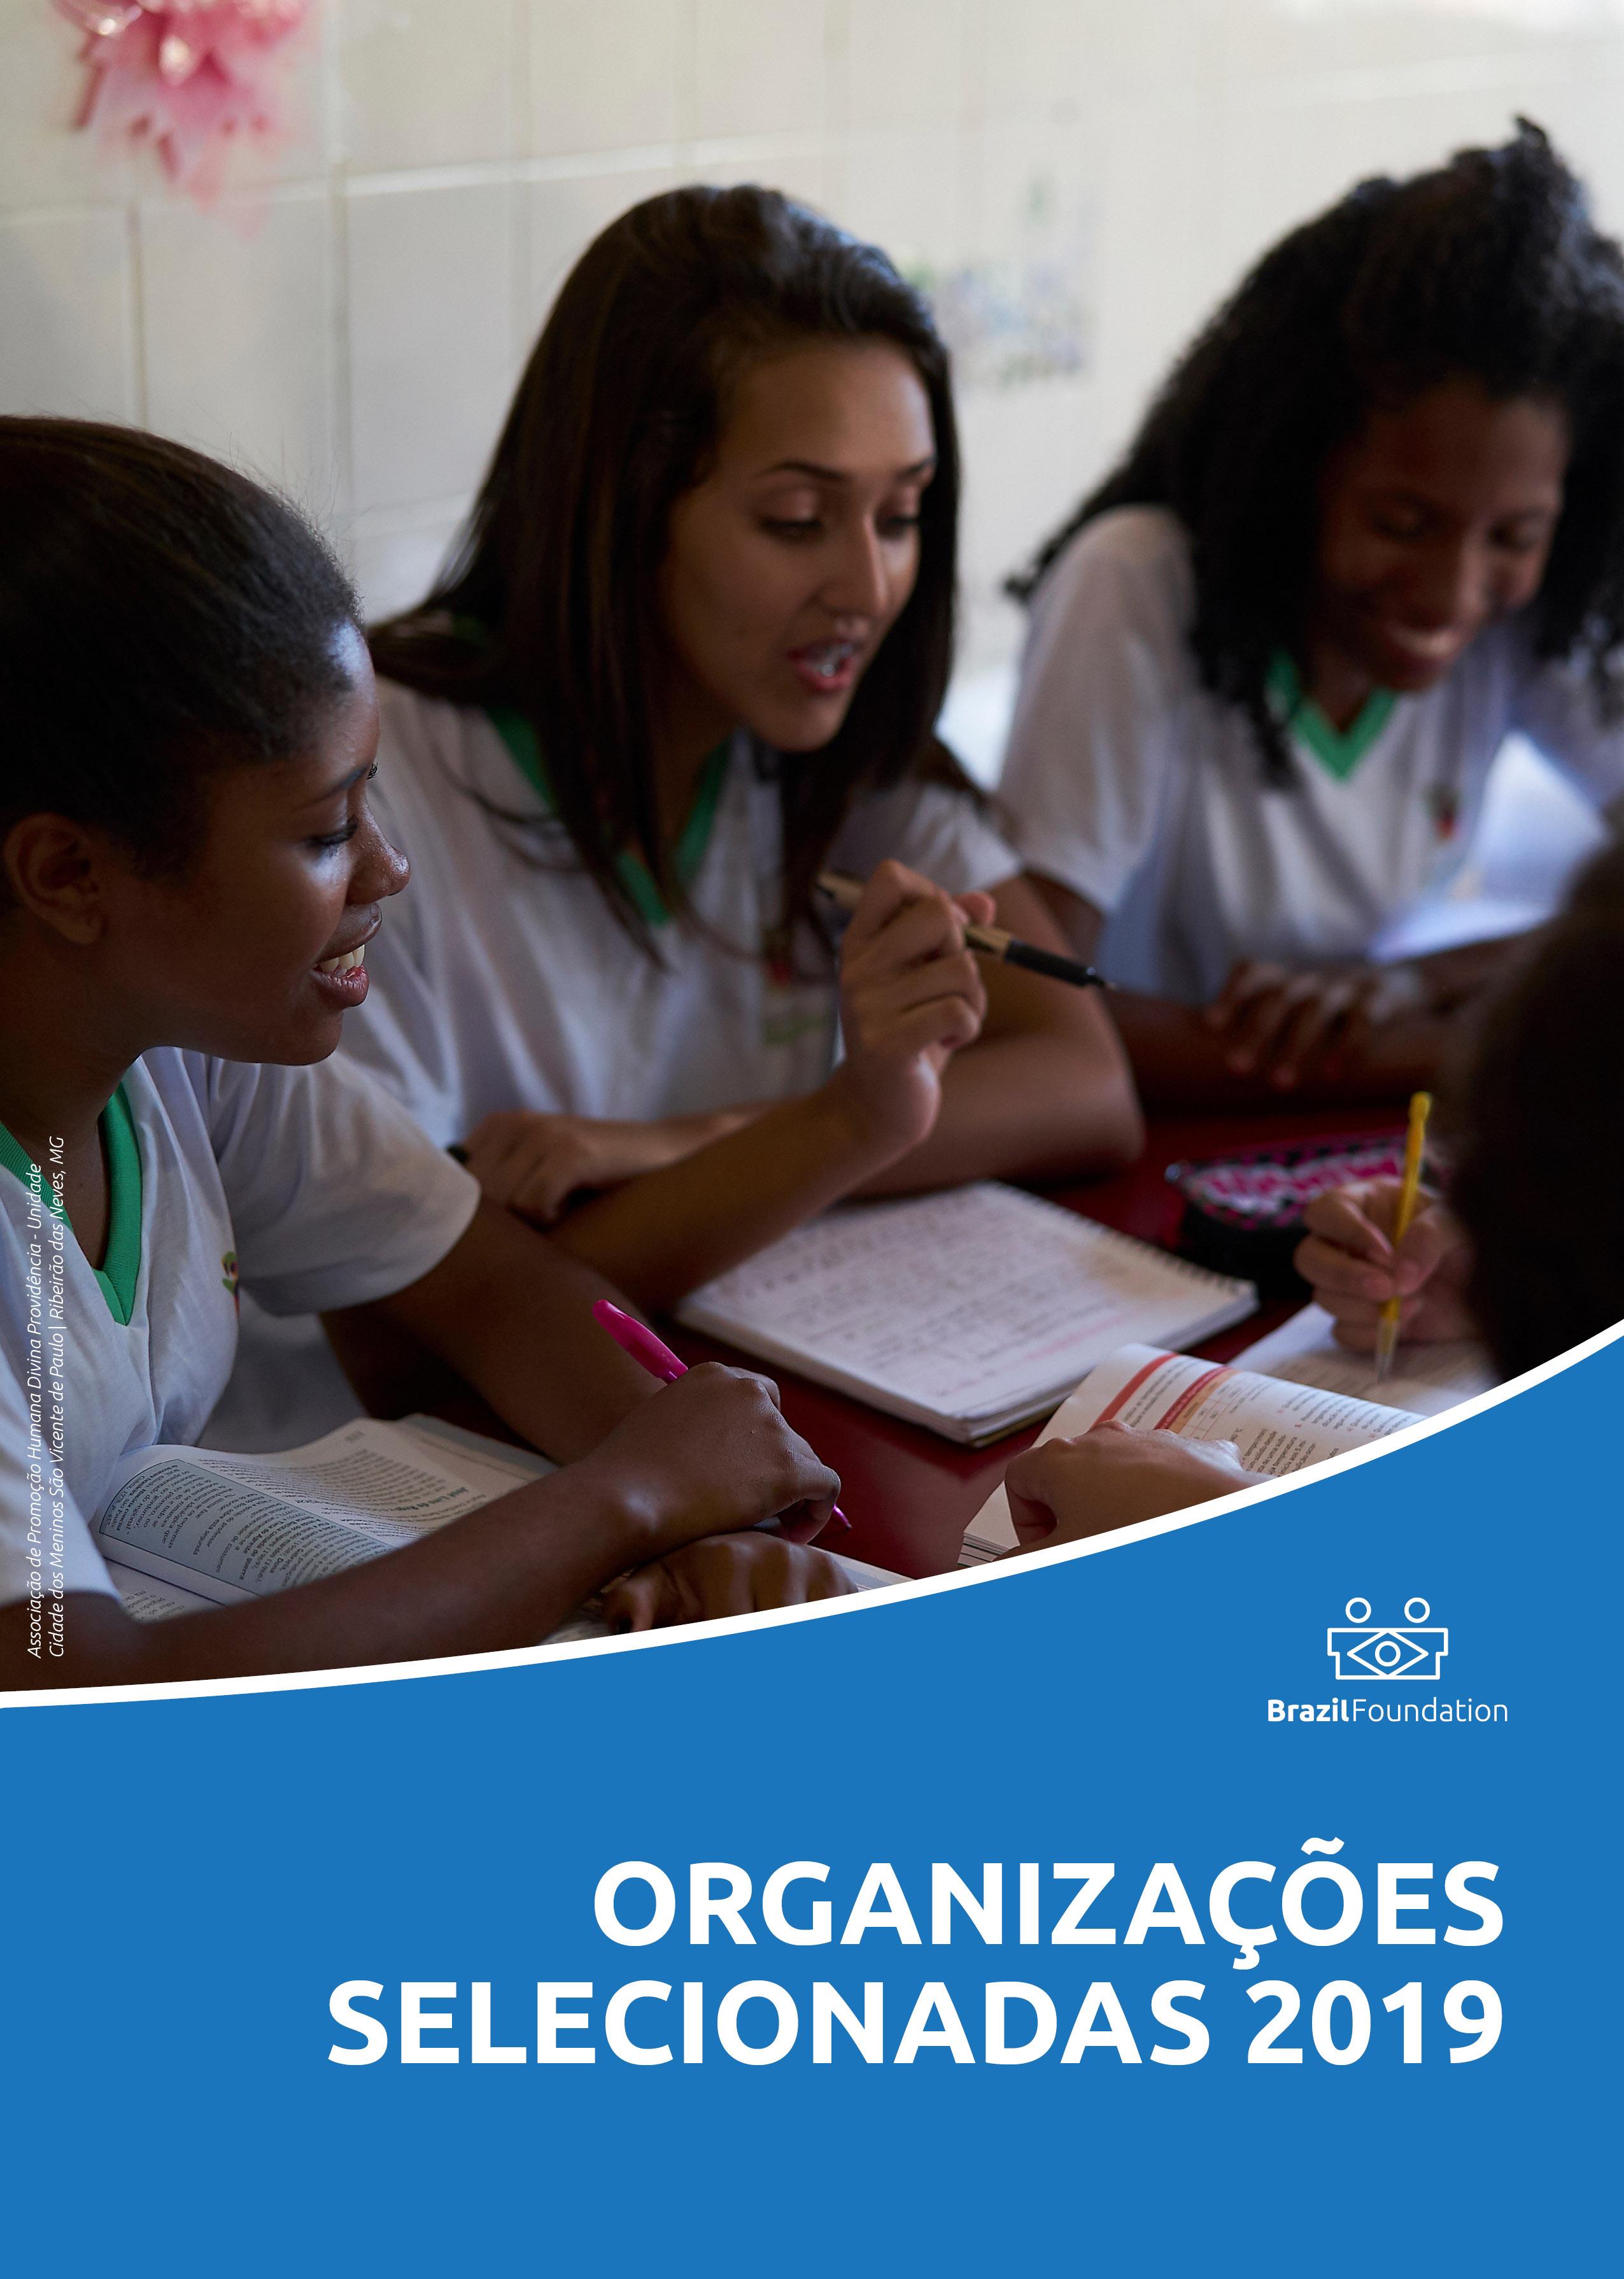 BrazilFoundation Filantropia educação saúde cultura direitos humanos